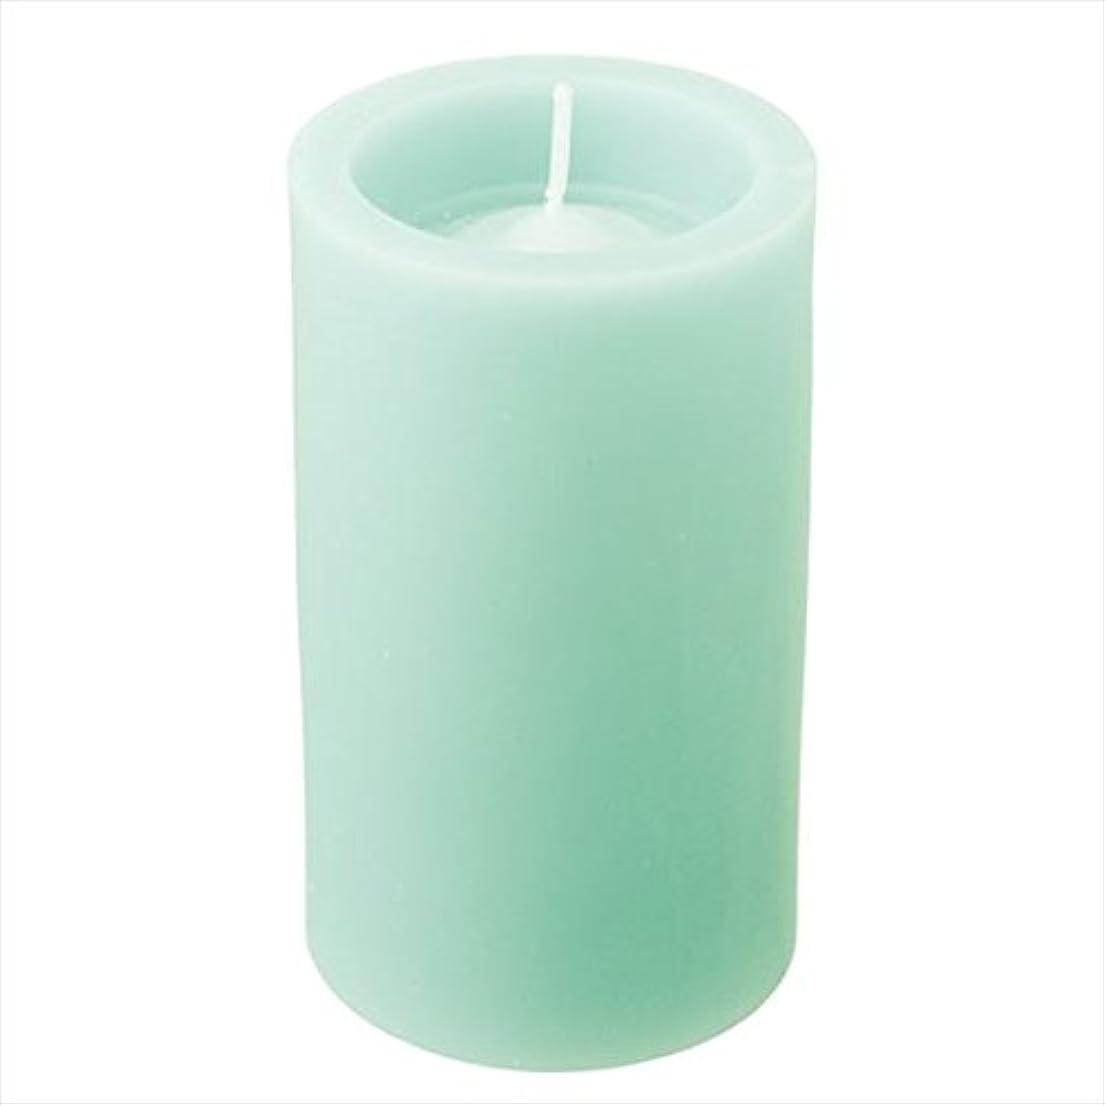 ふくろう貨物申し込むカメヤマキャンドル( kameyama candle ) ロイヤルラウンド50 「 ライトグリーン 」